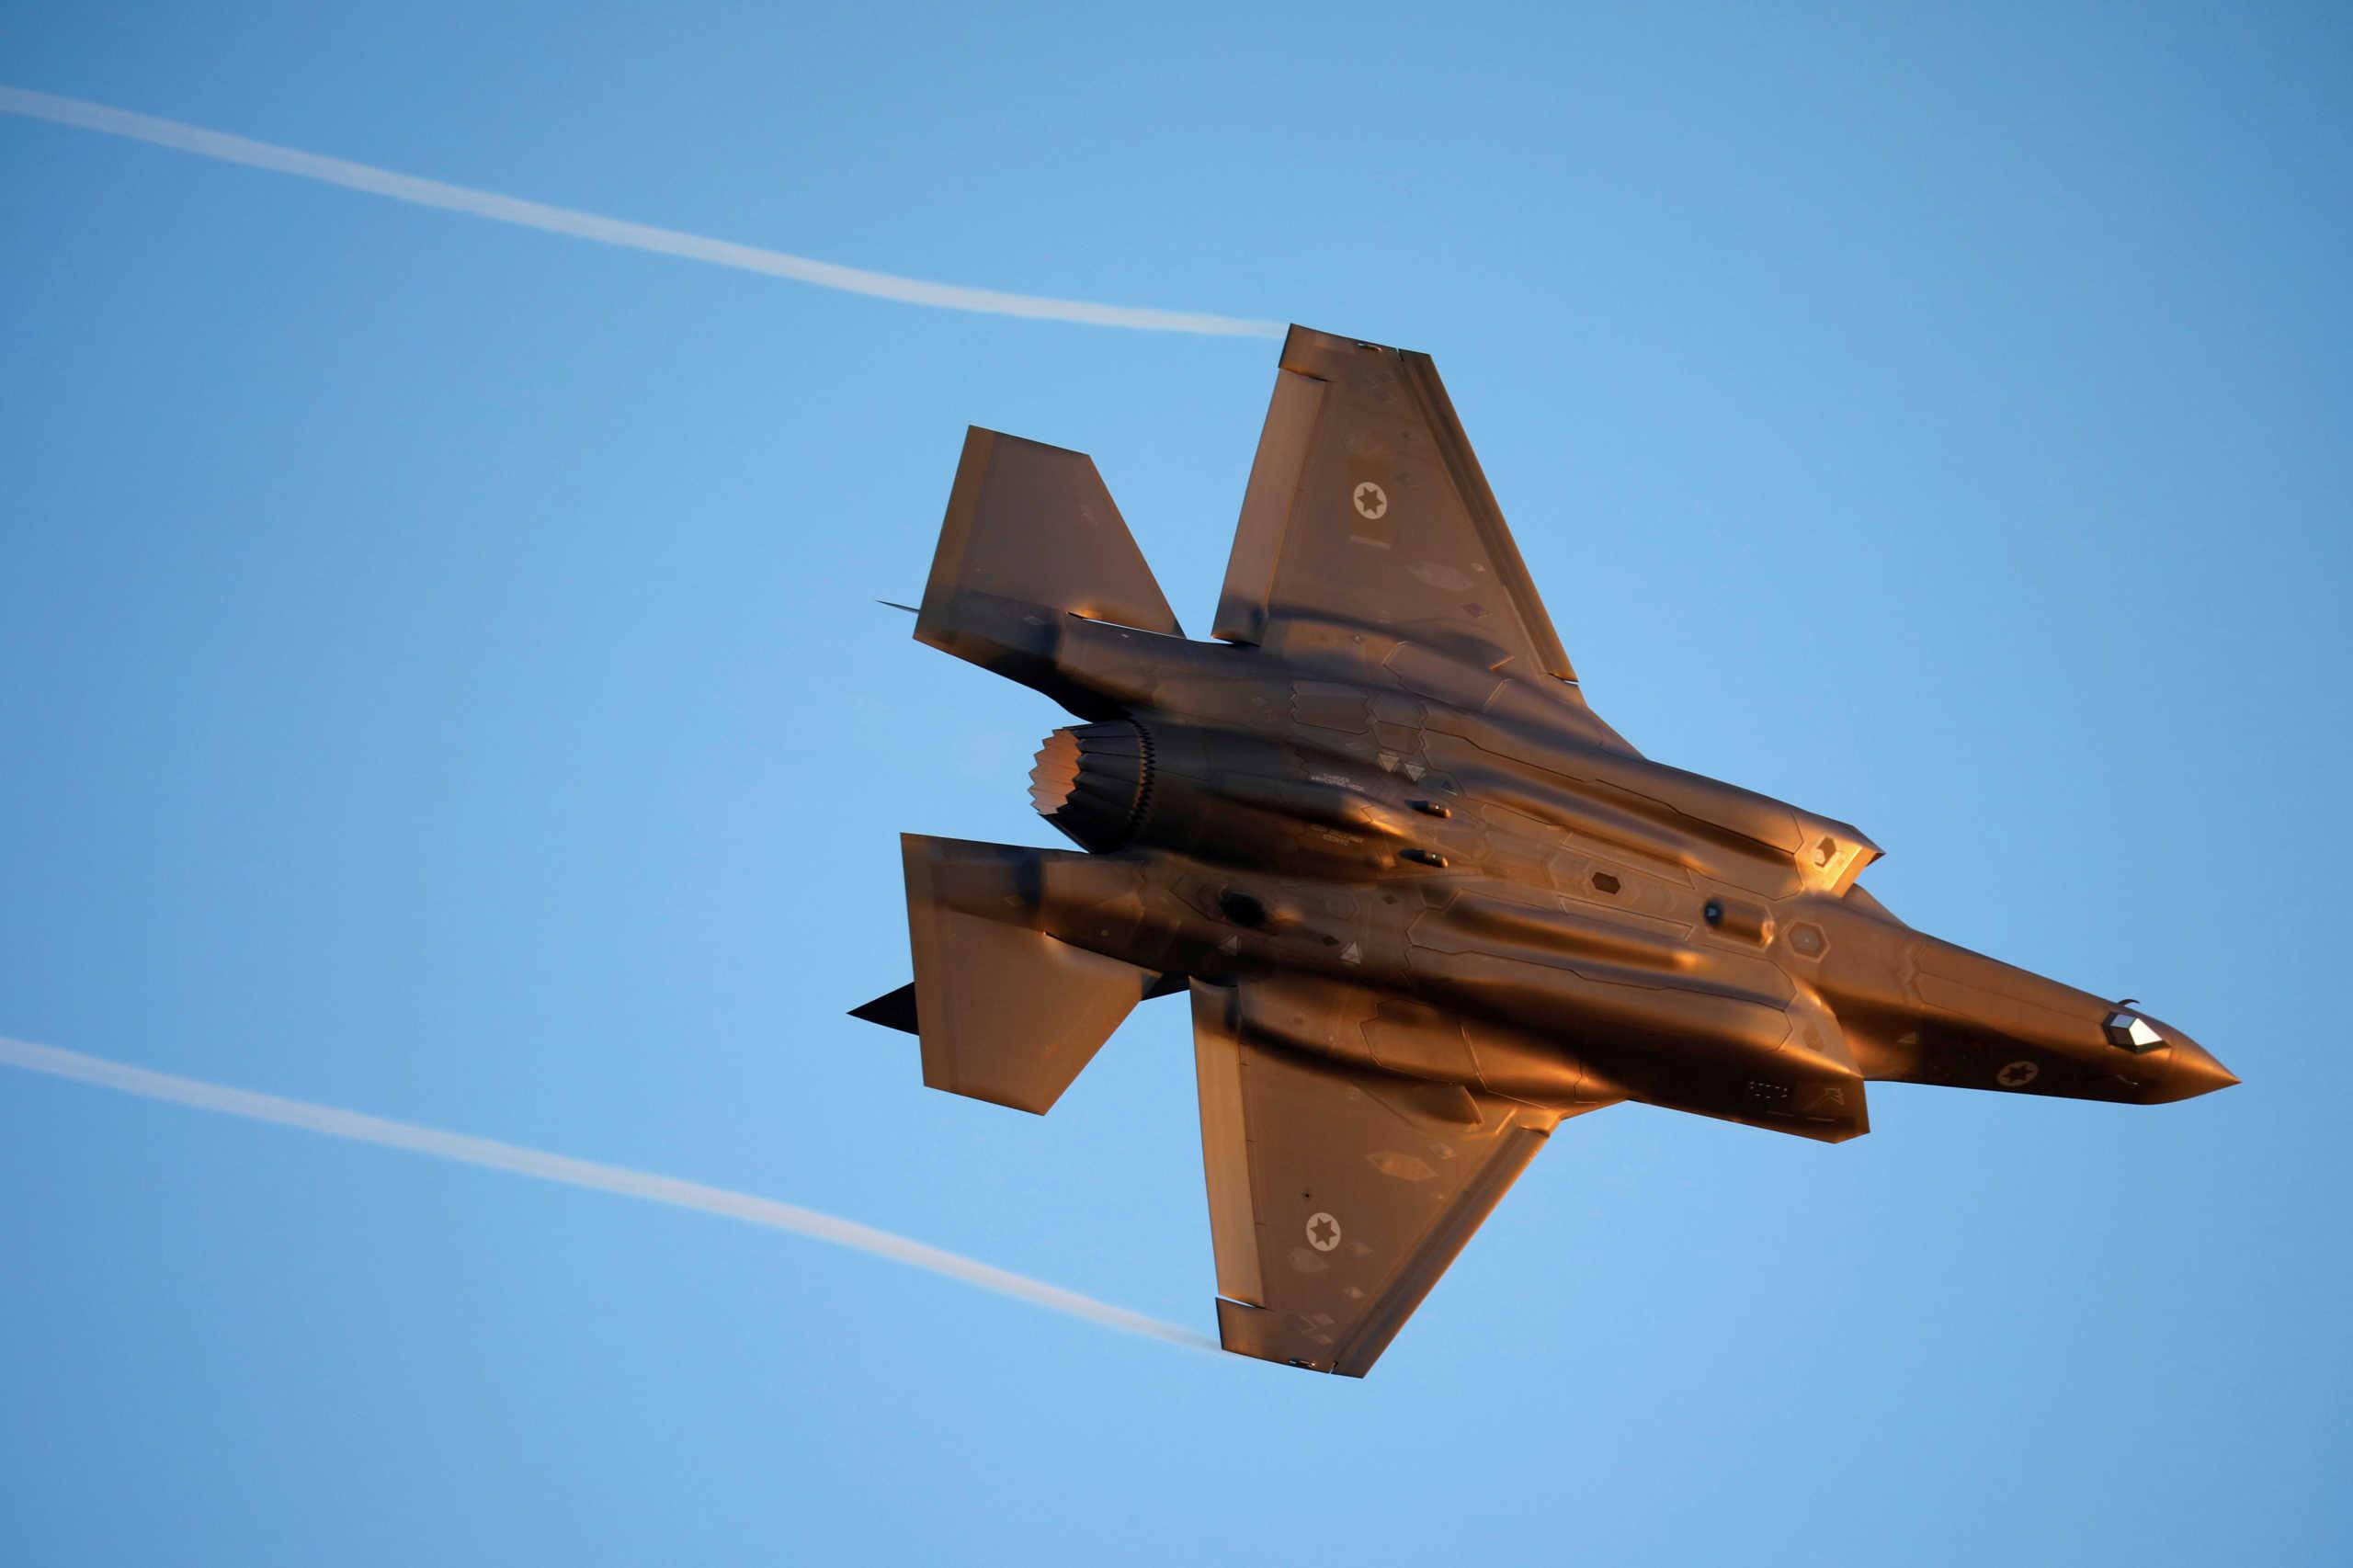 Το Ισραήλ κατέρριψε drone από τον Λίβανο: Κινητοποίηση στα σύνορα